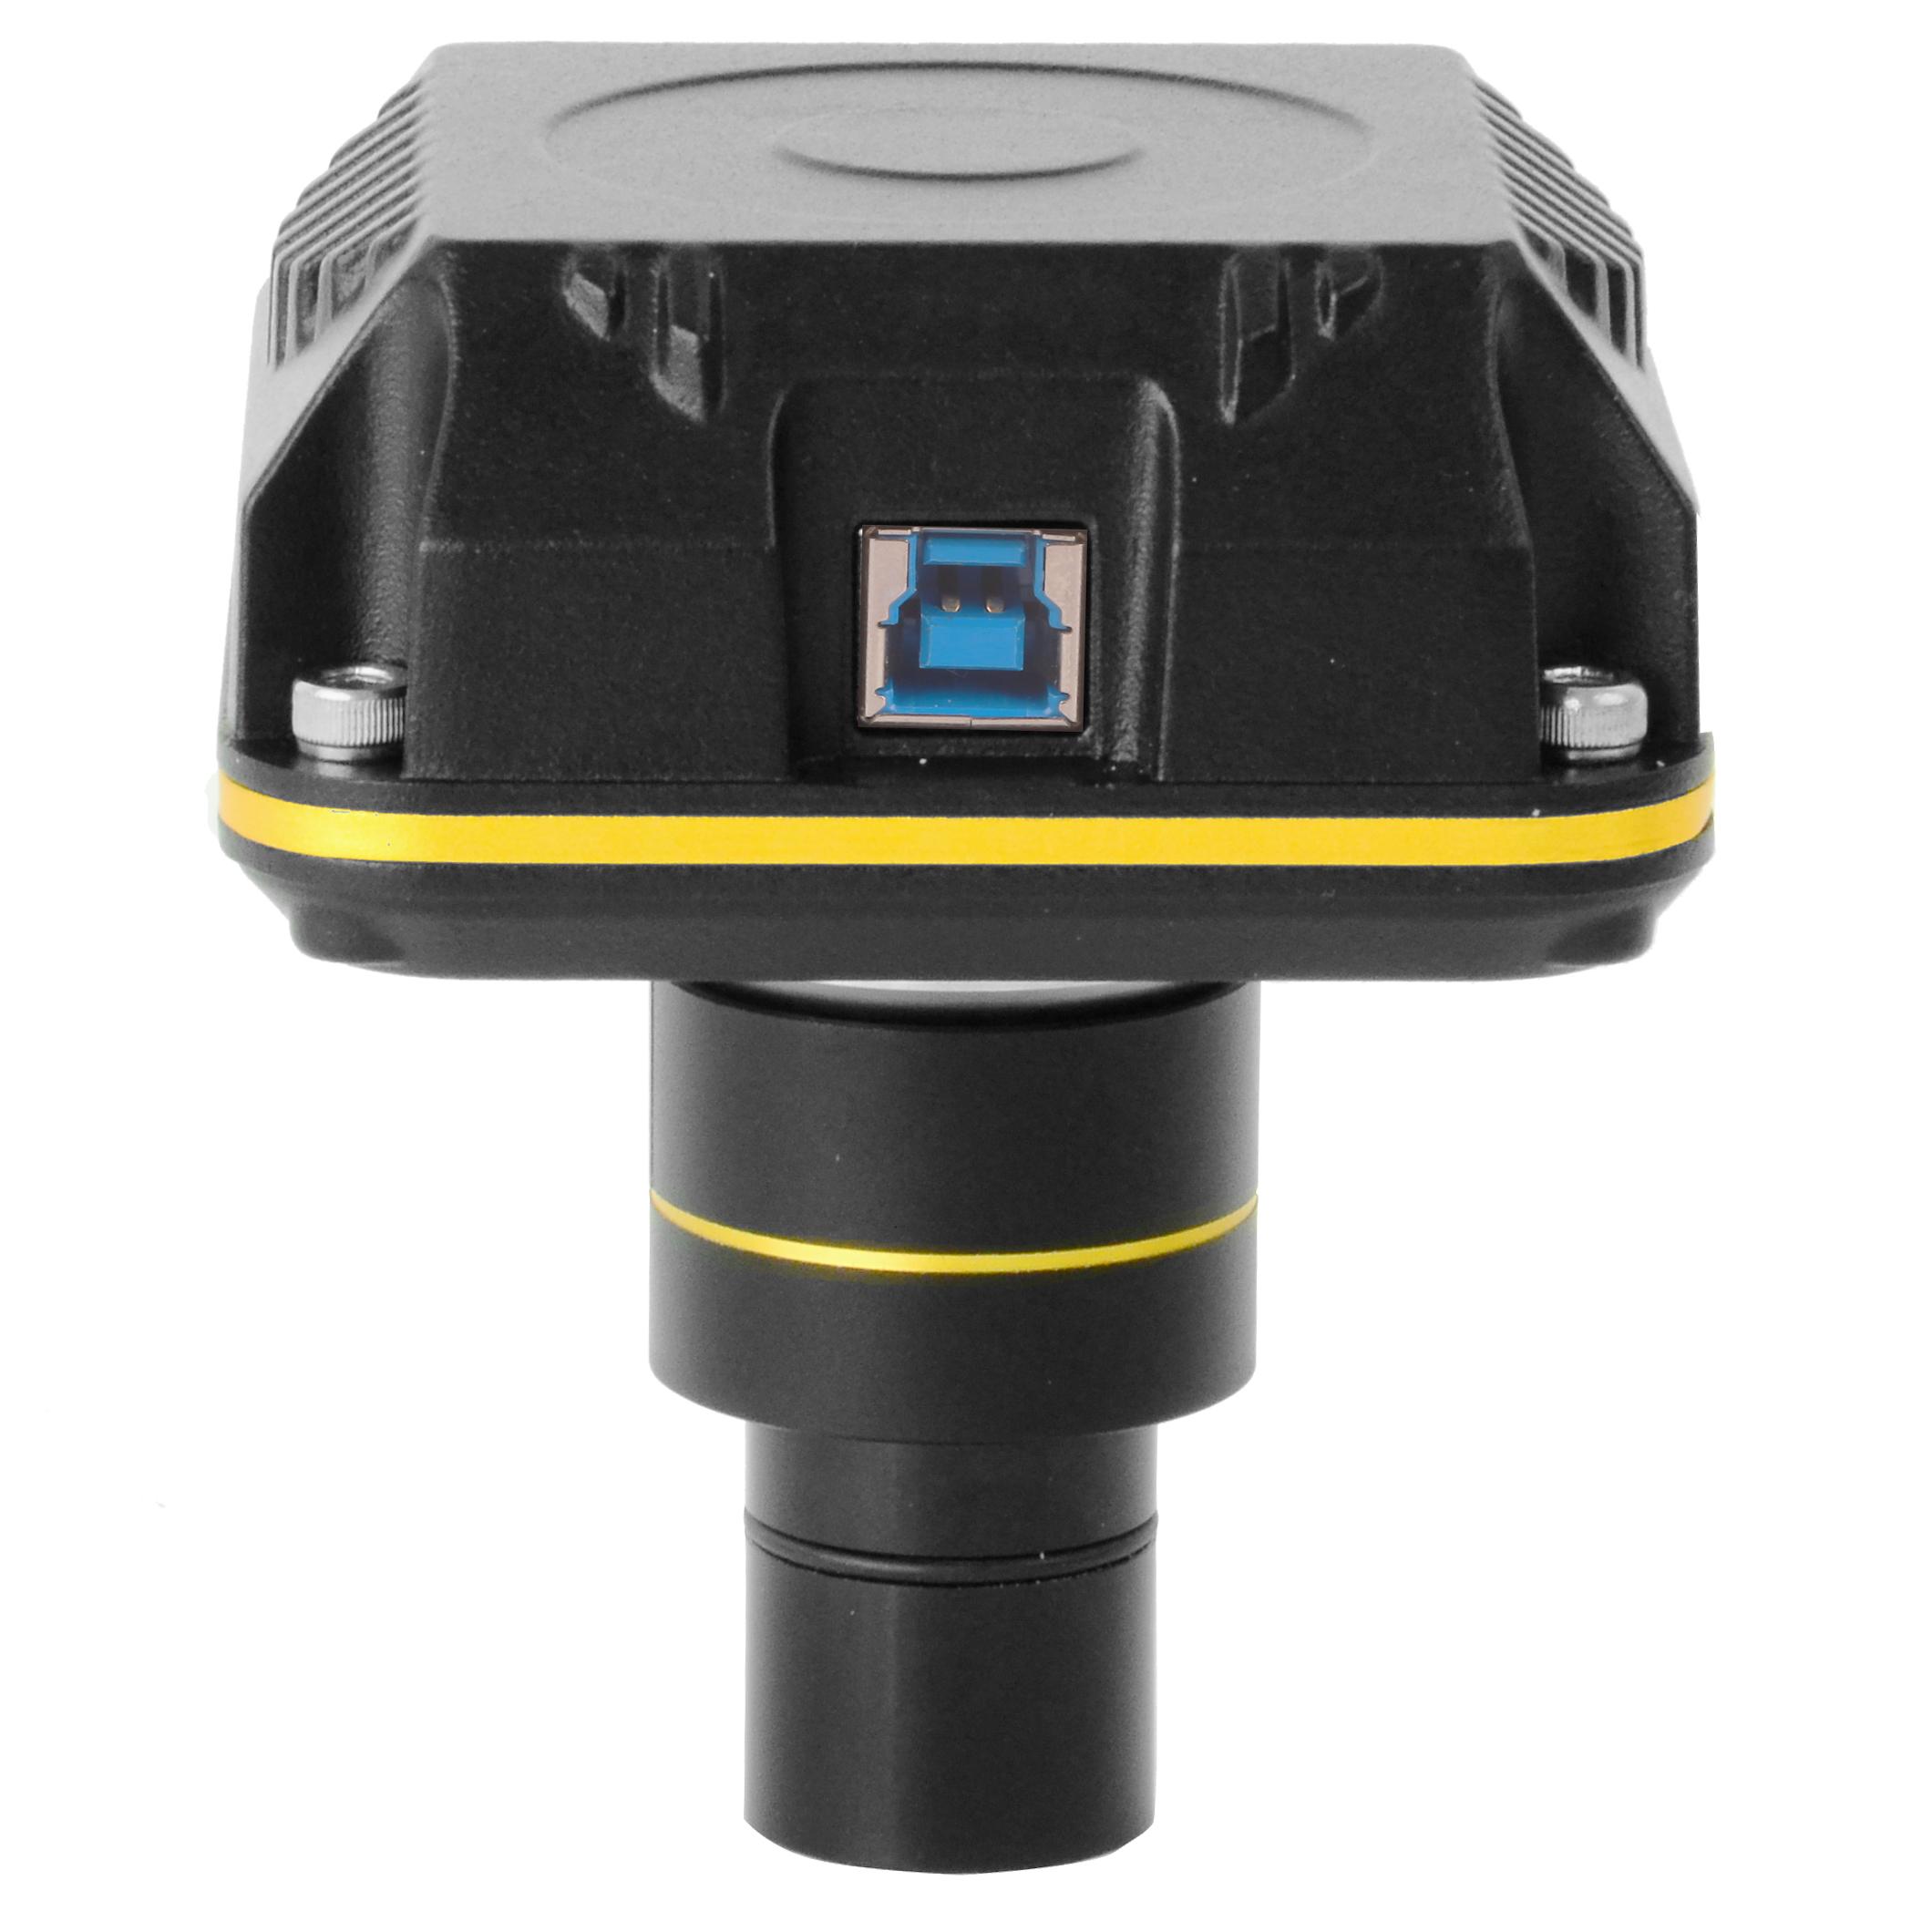 CÂMERA DIGITAL - SENSOR CMOS USB 3.0 - MEMÓRIA ON-BOARD - PARA METALOGRAFIA